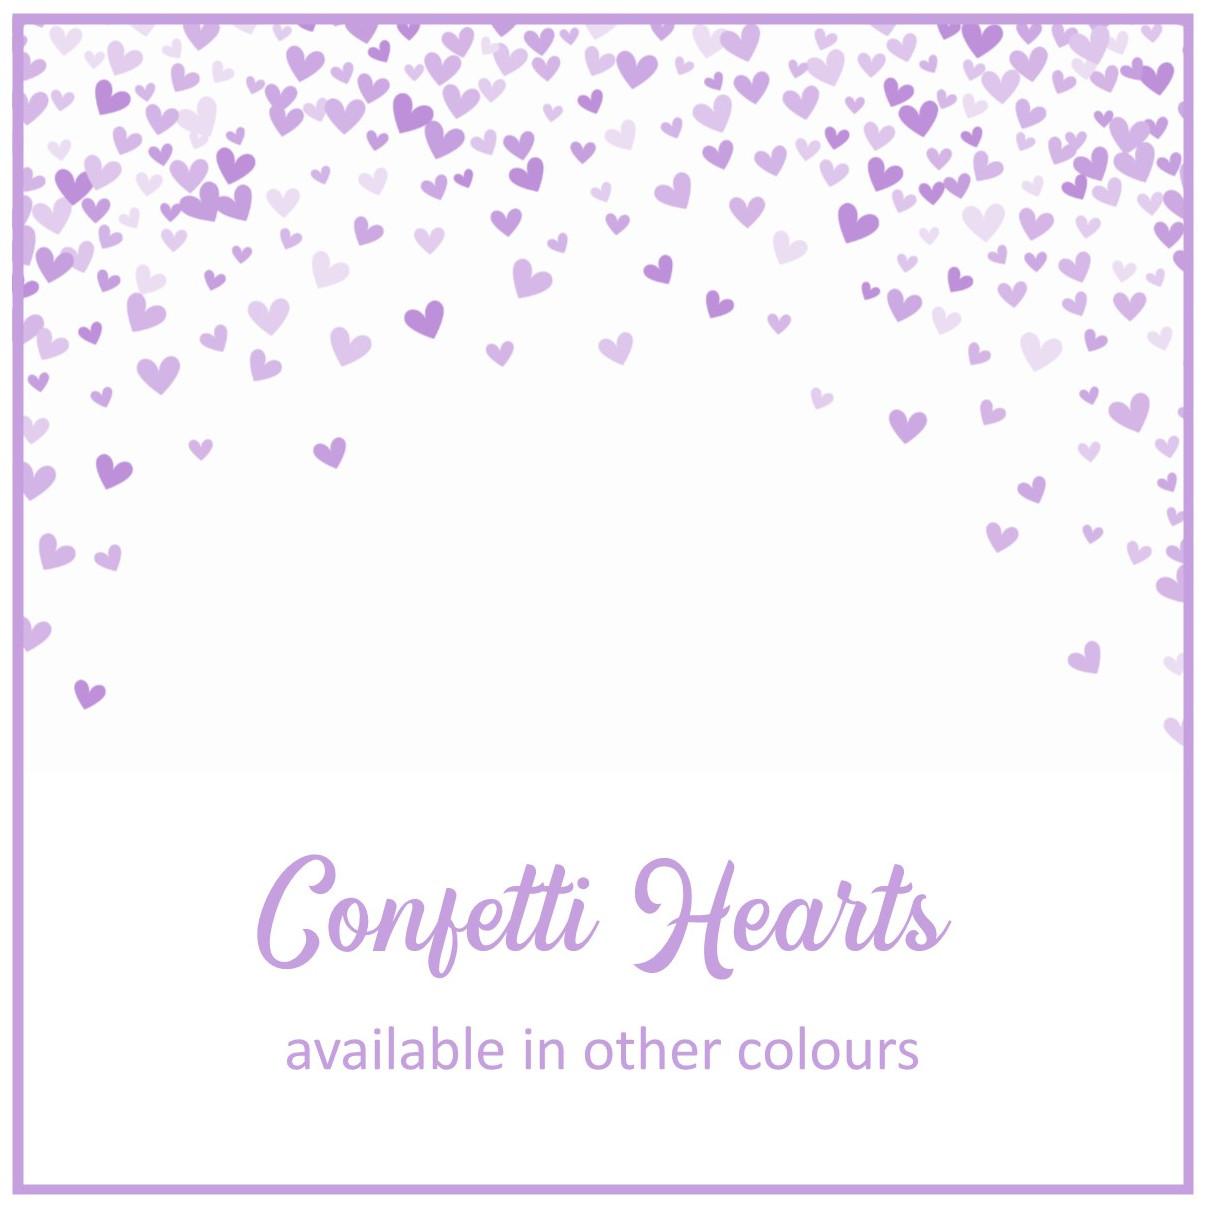 Confetti Hearts.jpg